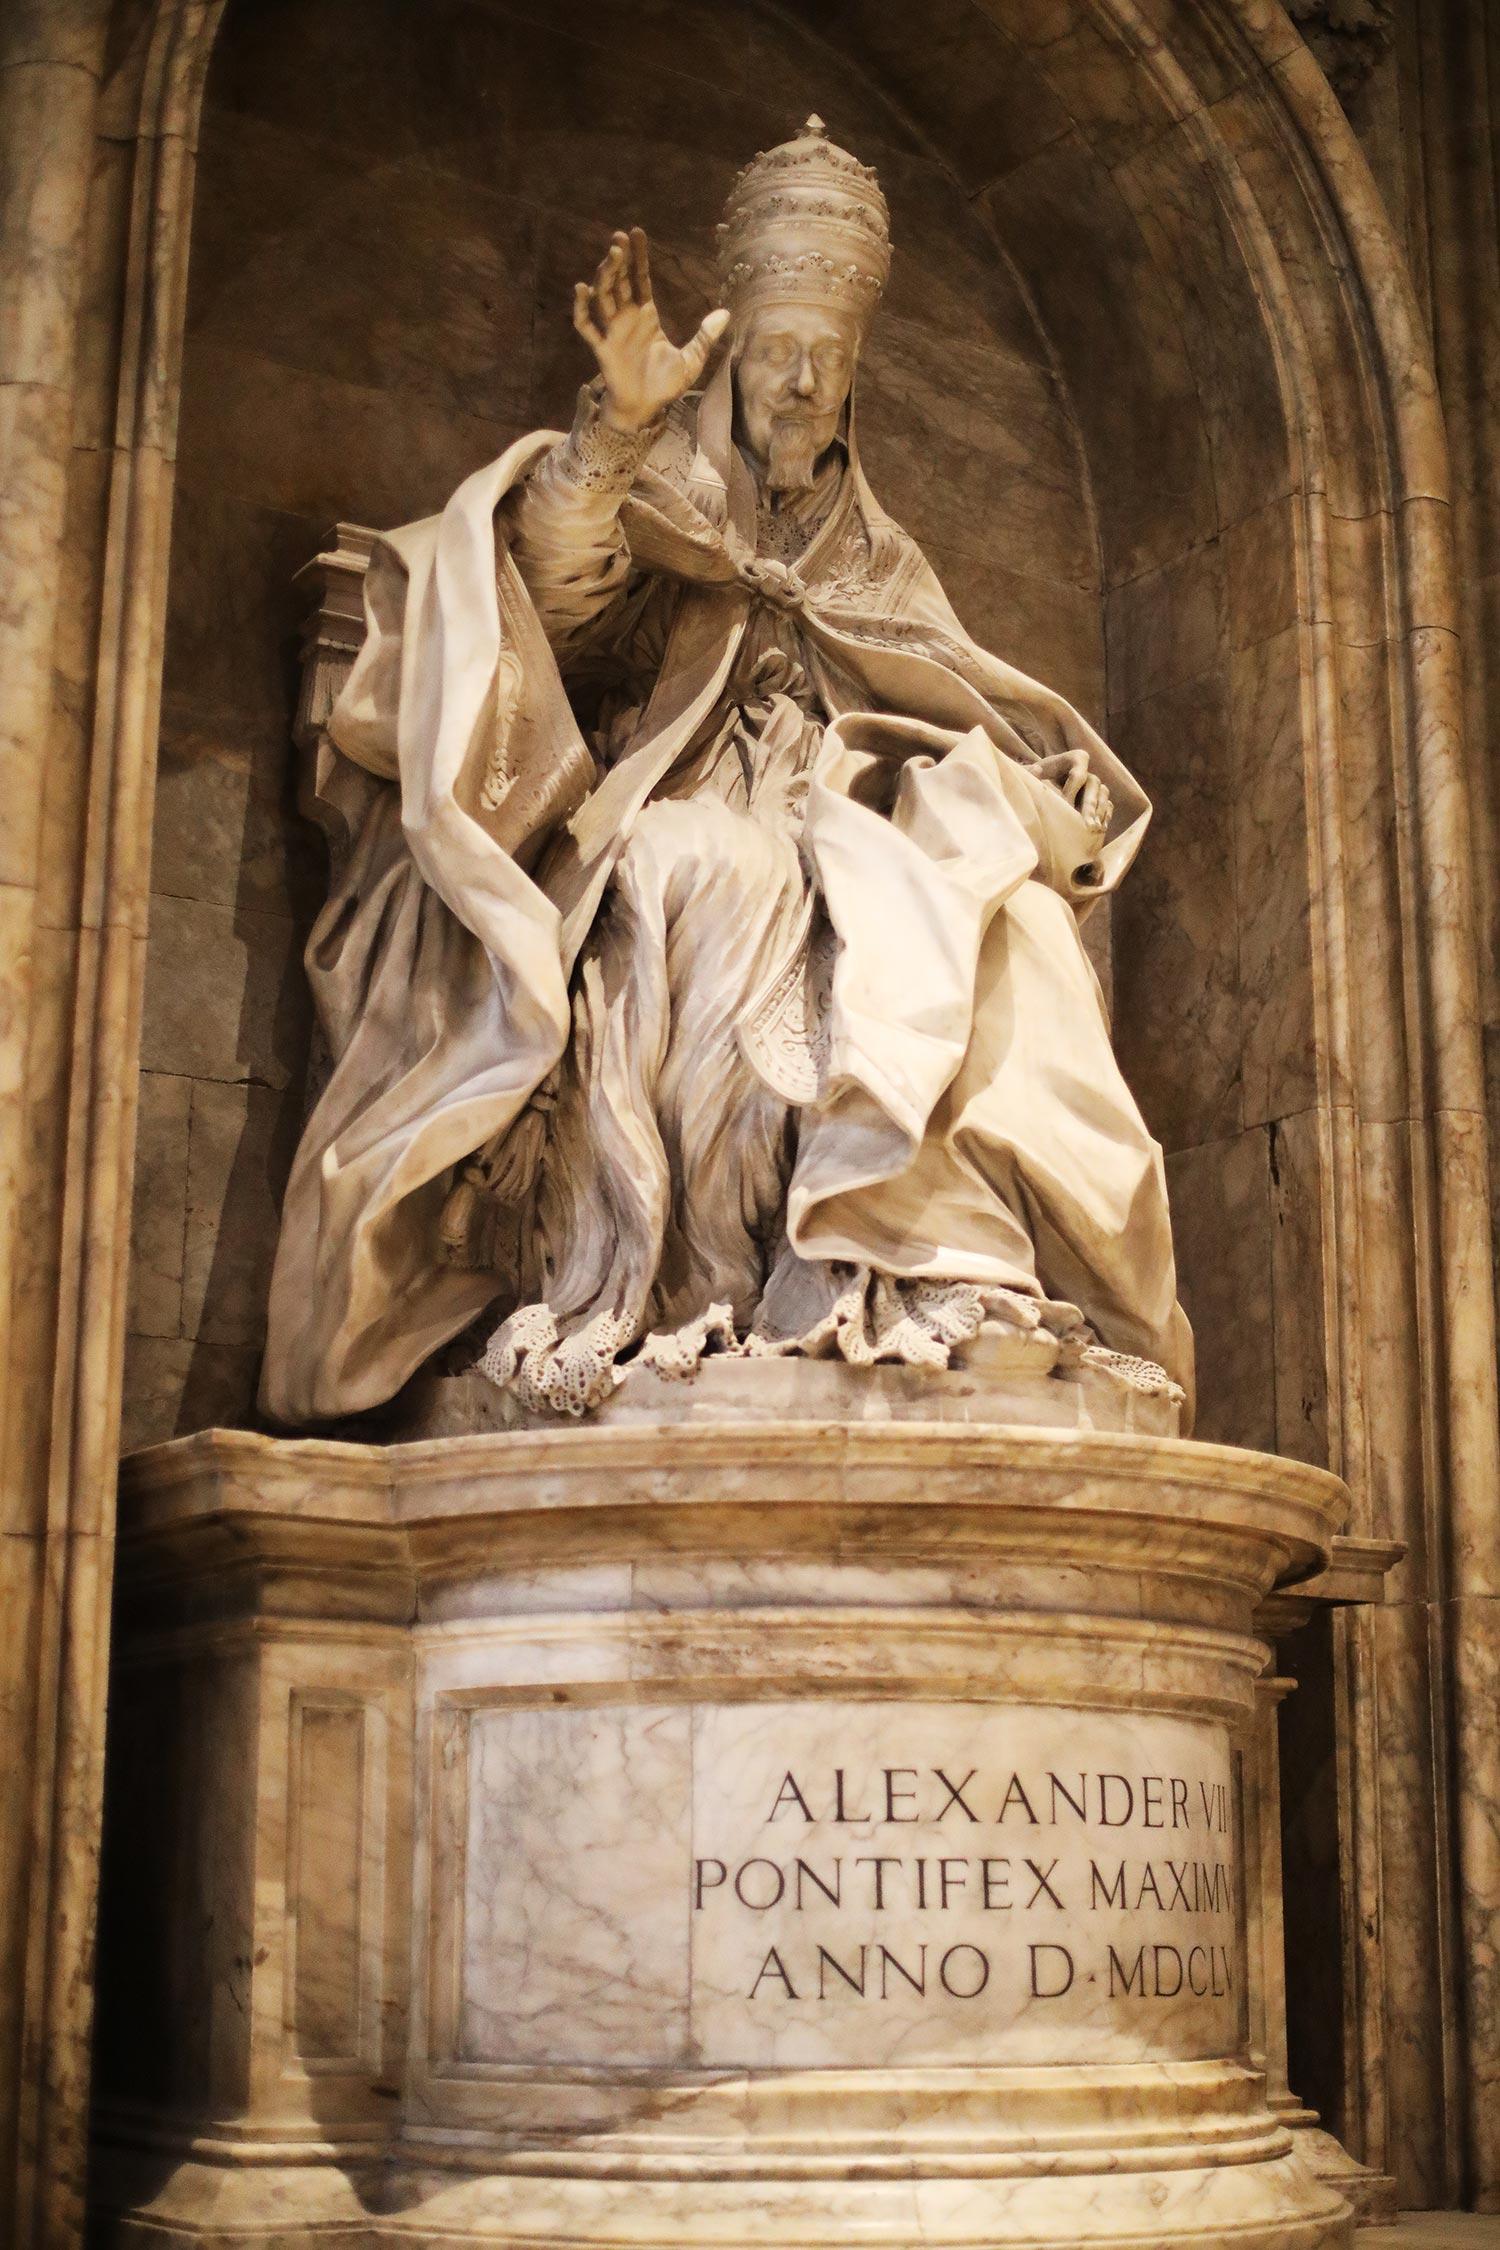 Pilgrimage_Rome_4158_Siena.jpg